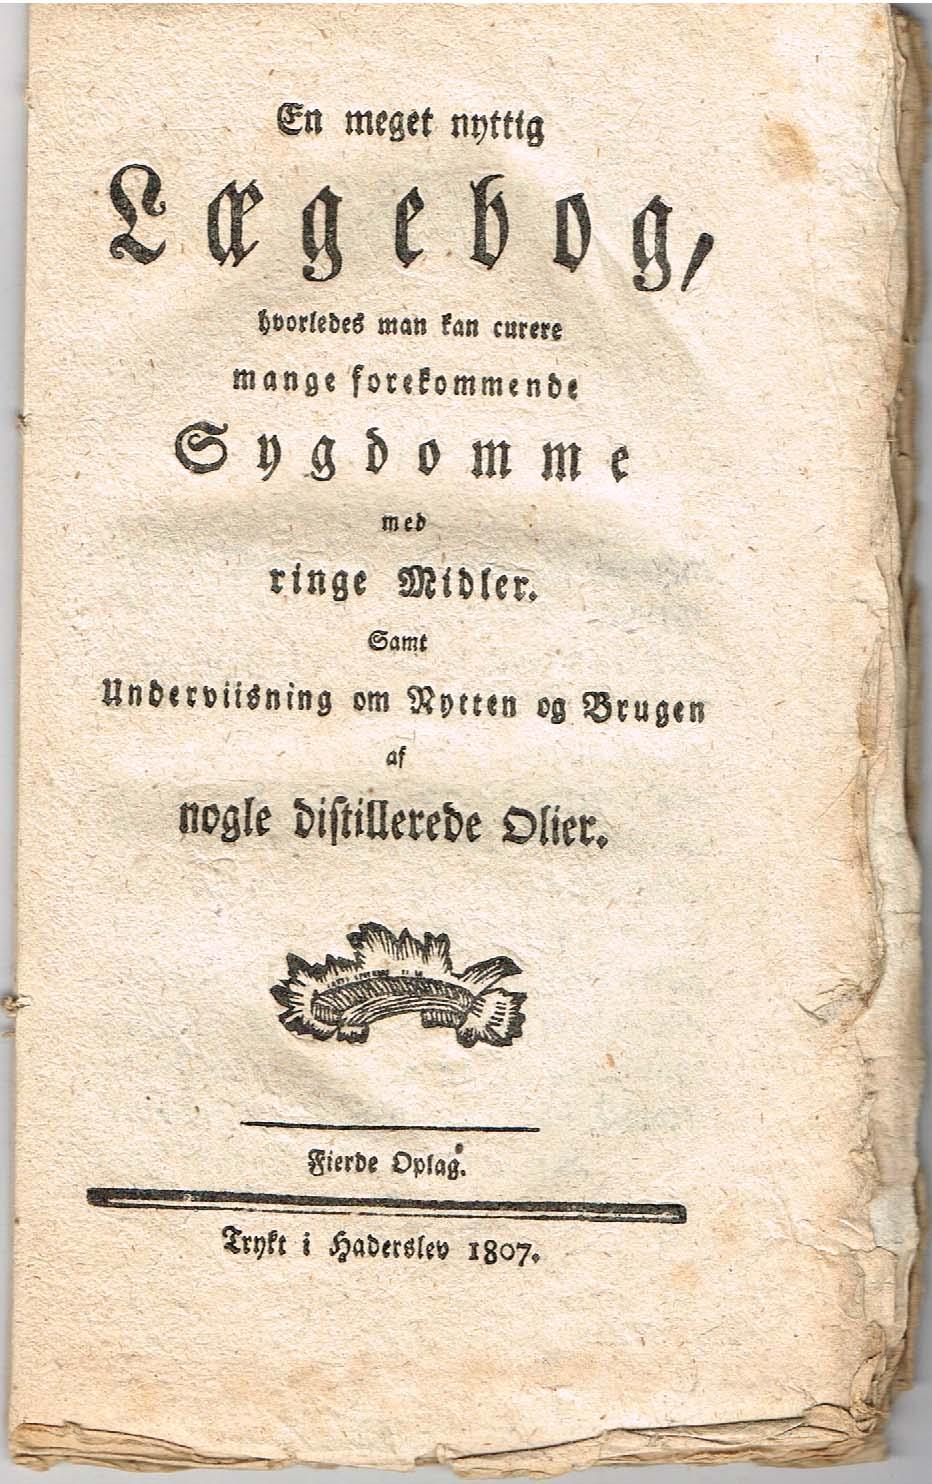 en meget nyttig lægebog 1807